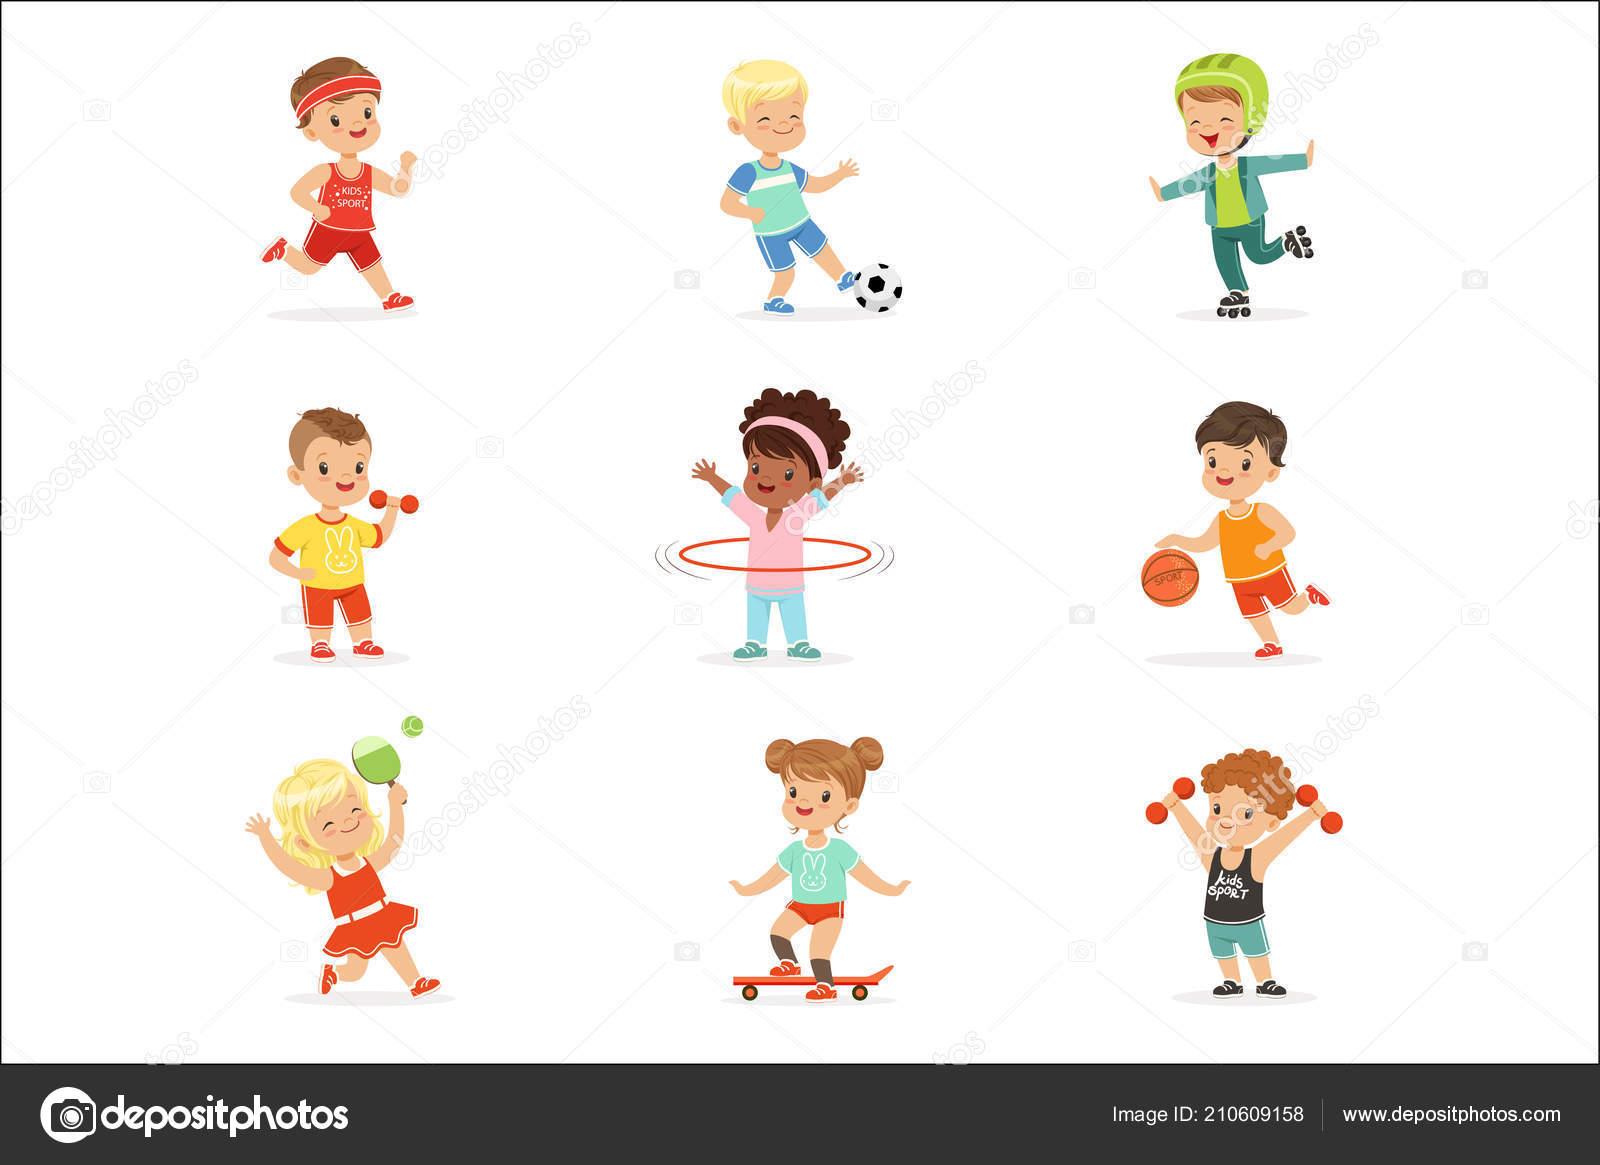 Deportes Diferentes Deportes: Niños Pequeños Juegos Deportivo Y Disfrutar De